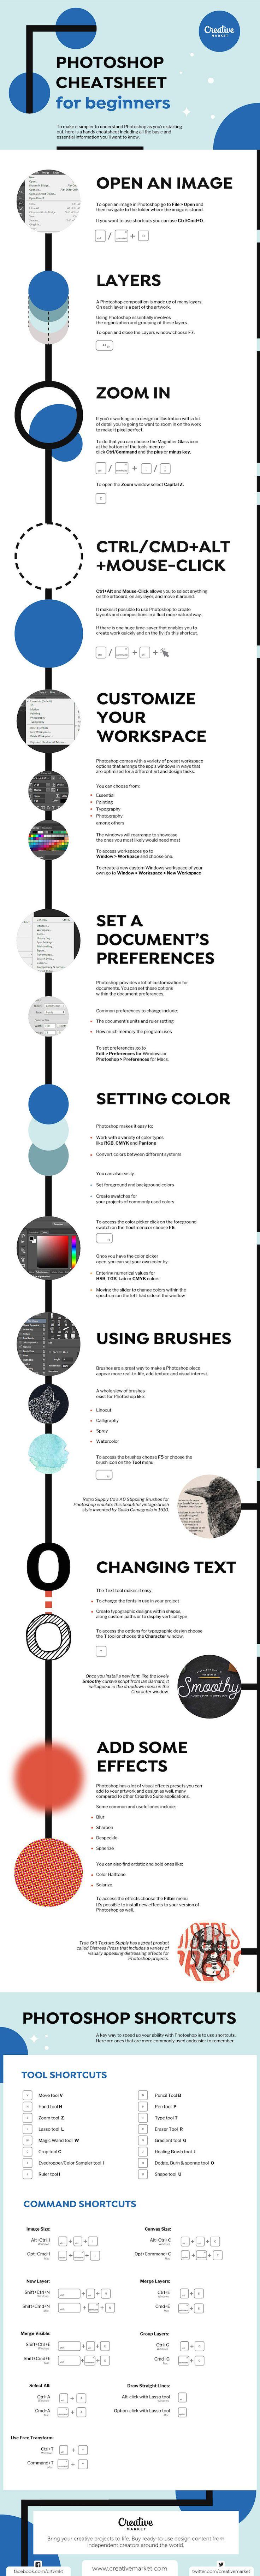 Learn Basic Photoshop Tools And Tricks With This Handy Cheat Sheet For Beginners - Com links para 93 ferramentas este E-Book gratuito em http://www.estrategiadigital.pt/e-book-producao-de-conteudos/ vai ajudá-lo na produção de conteúdos relevantes para envolver os fãs do seu negócio, marca e/ou empresa online.